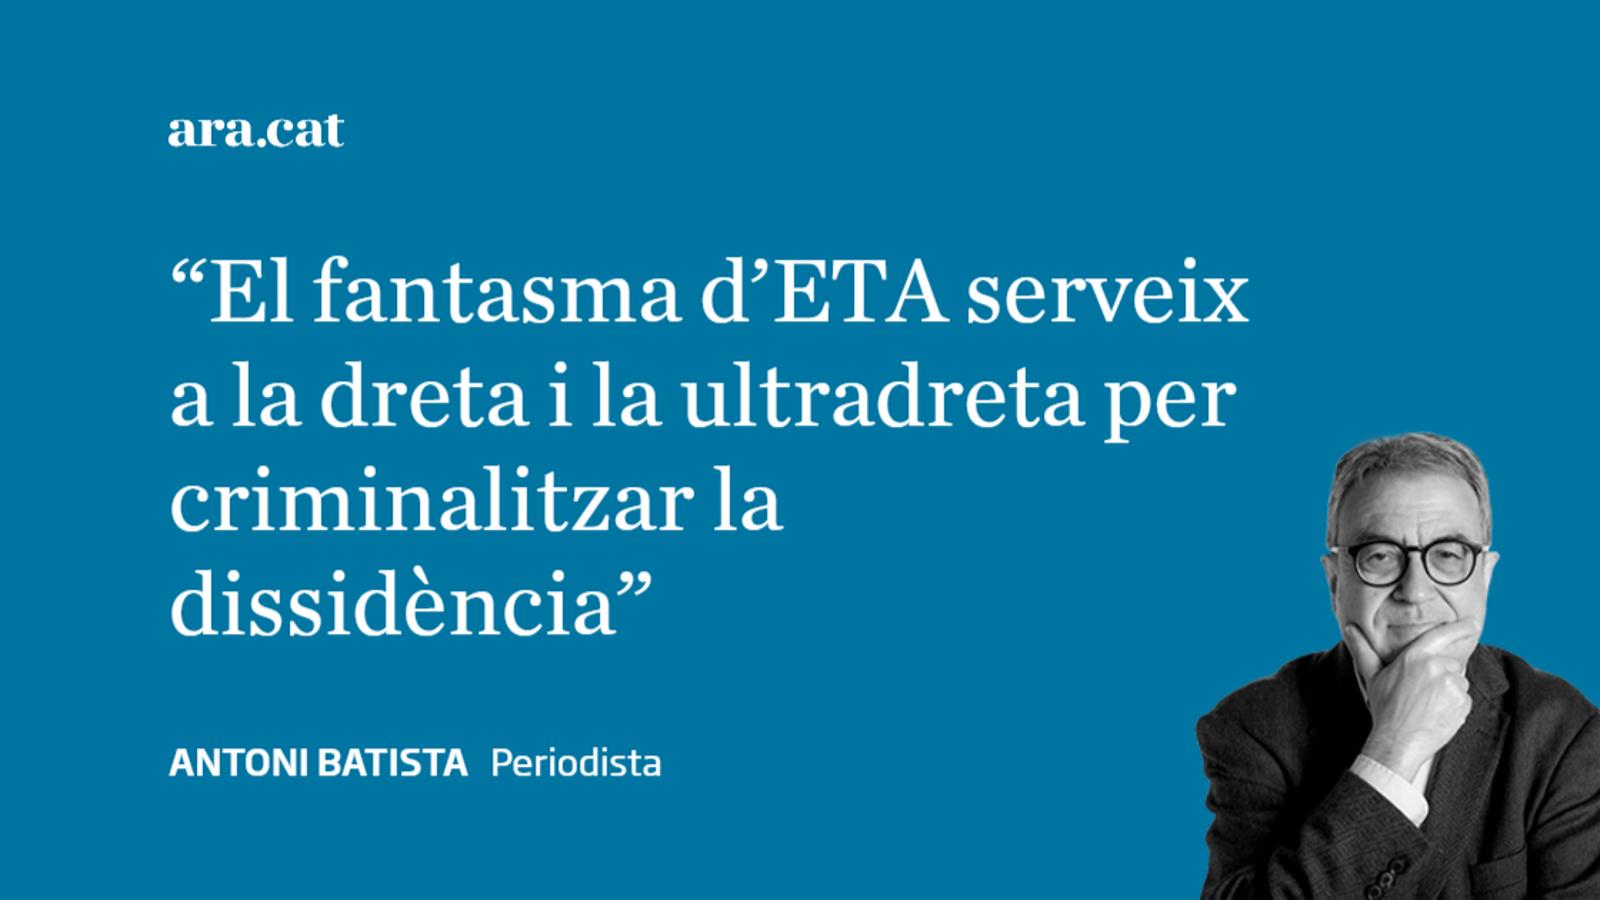 'Patria' i el fantasma d'ETA